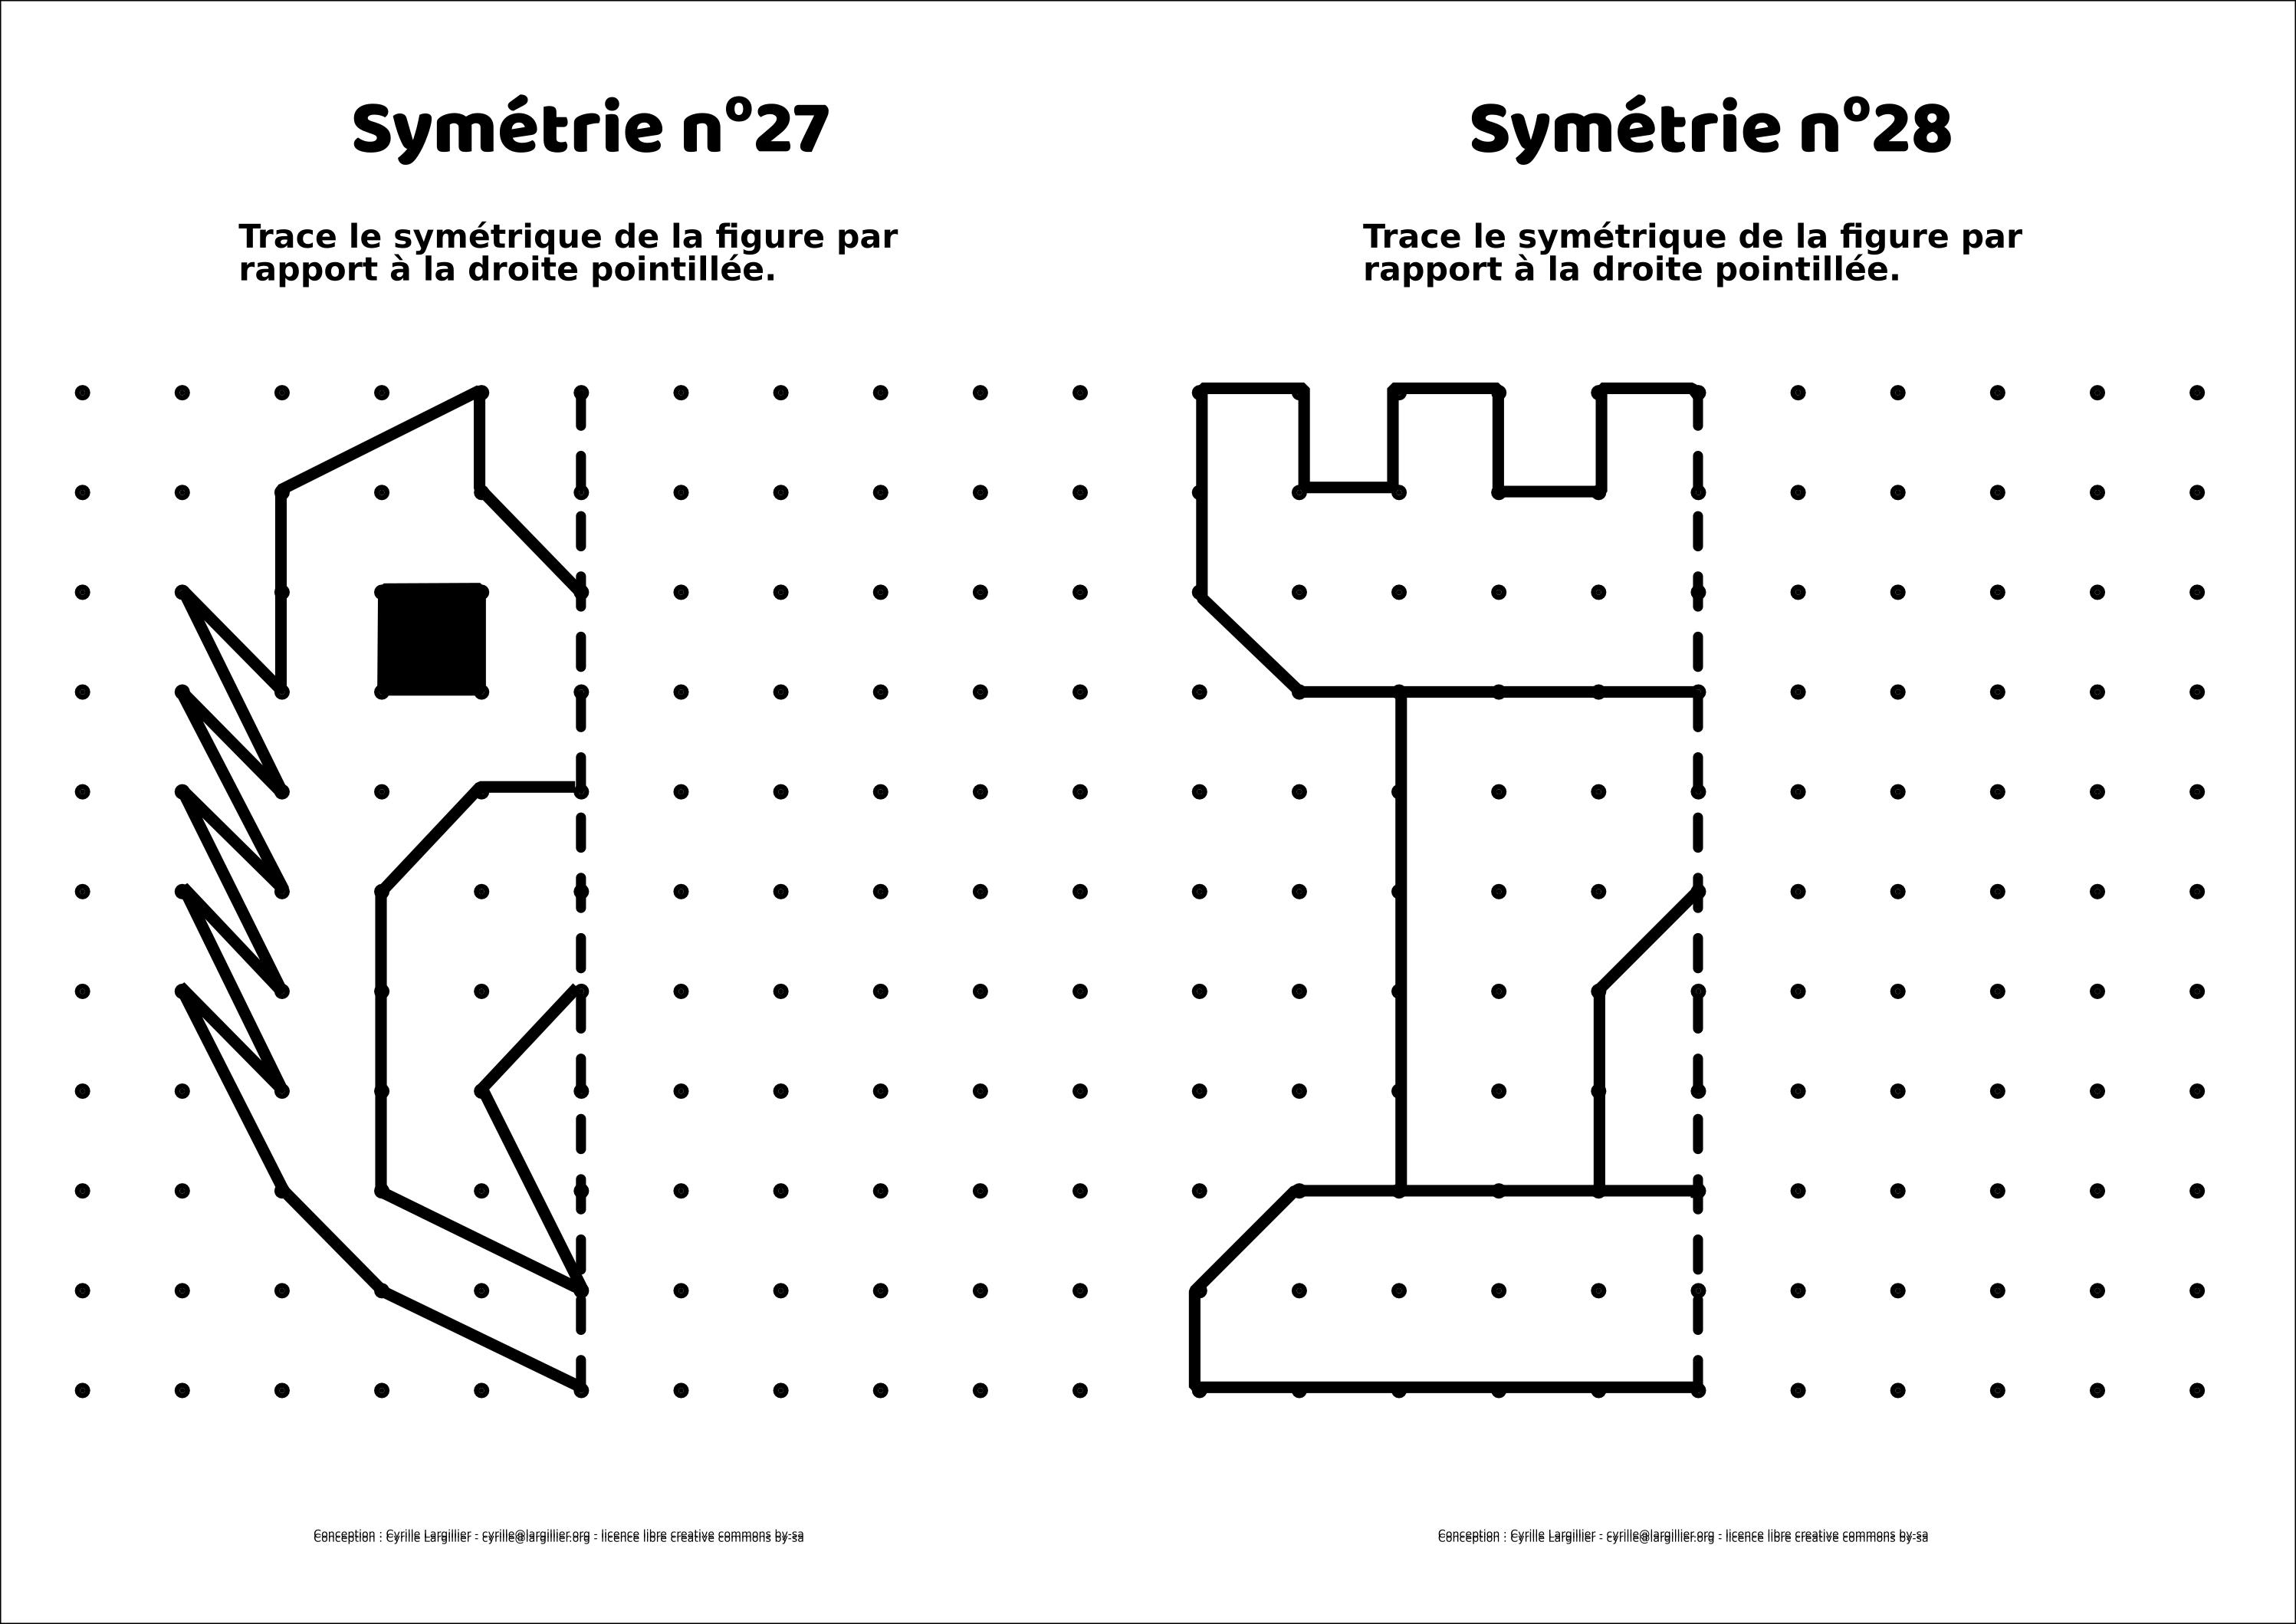 Symétrie CE : 20 mini-fiches - le retour - Cyrille Largillier